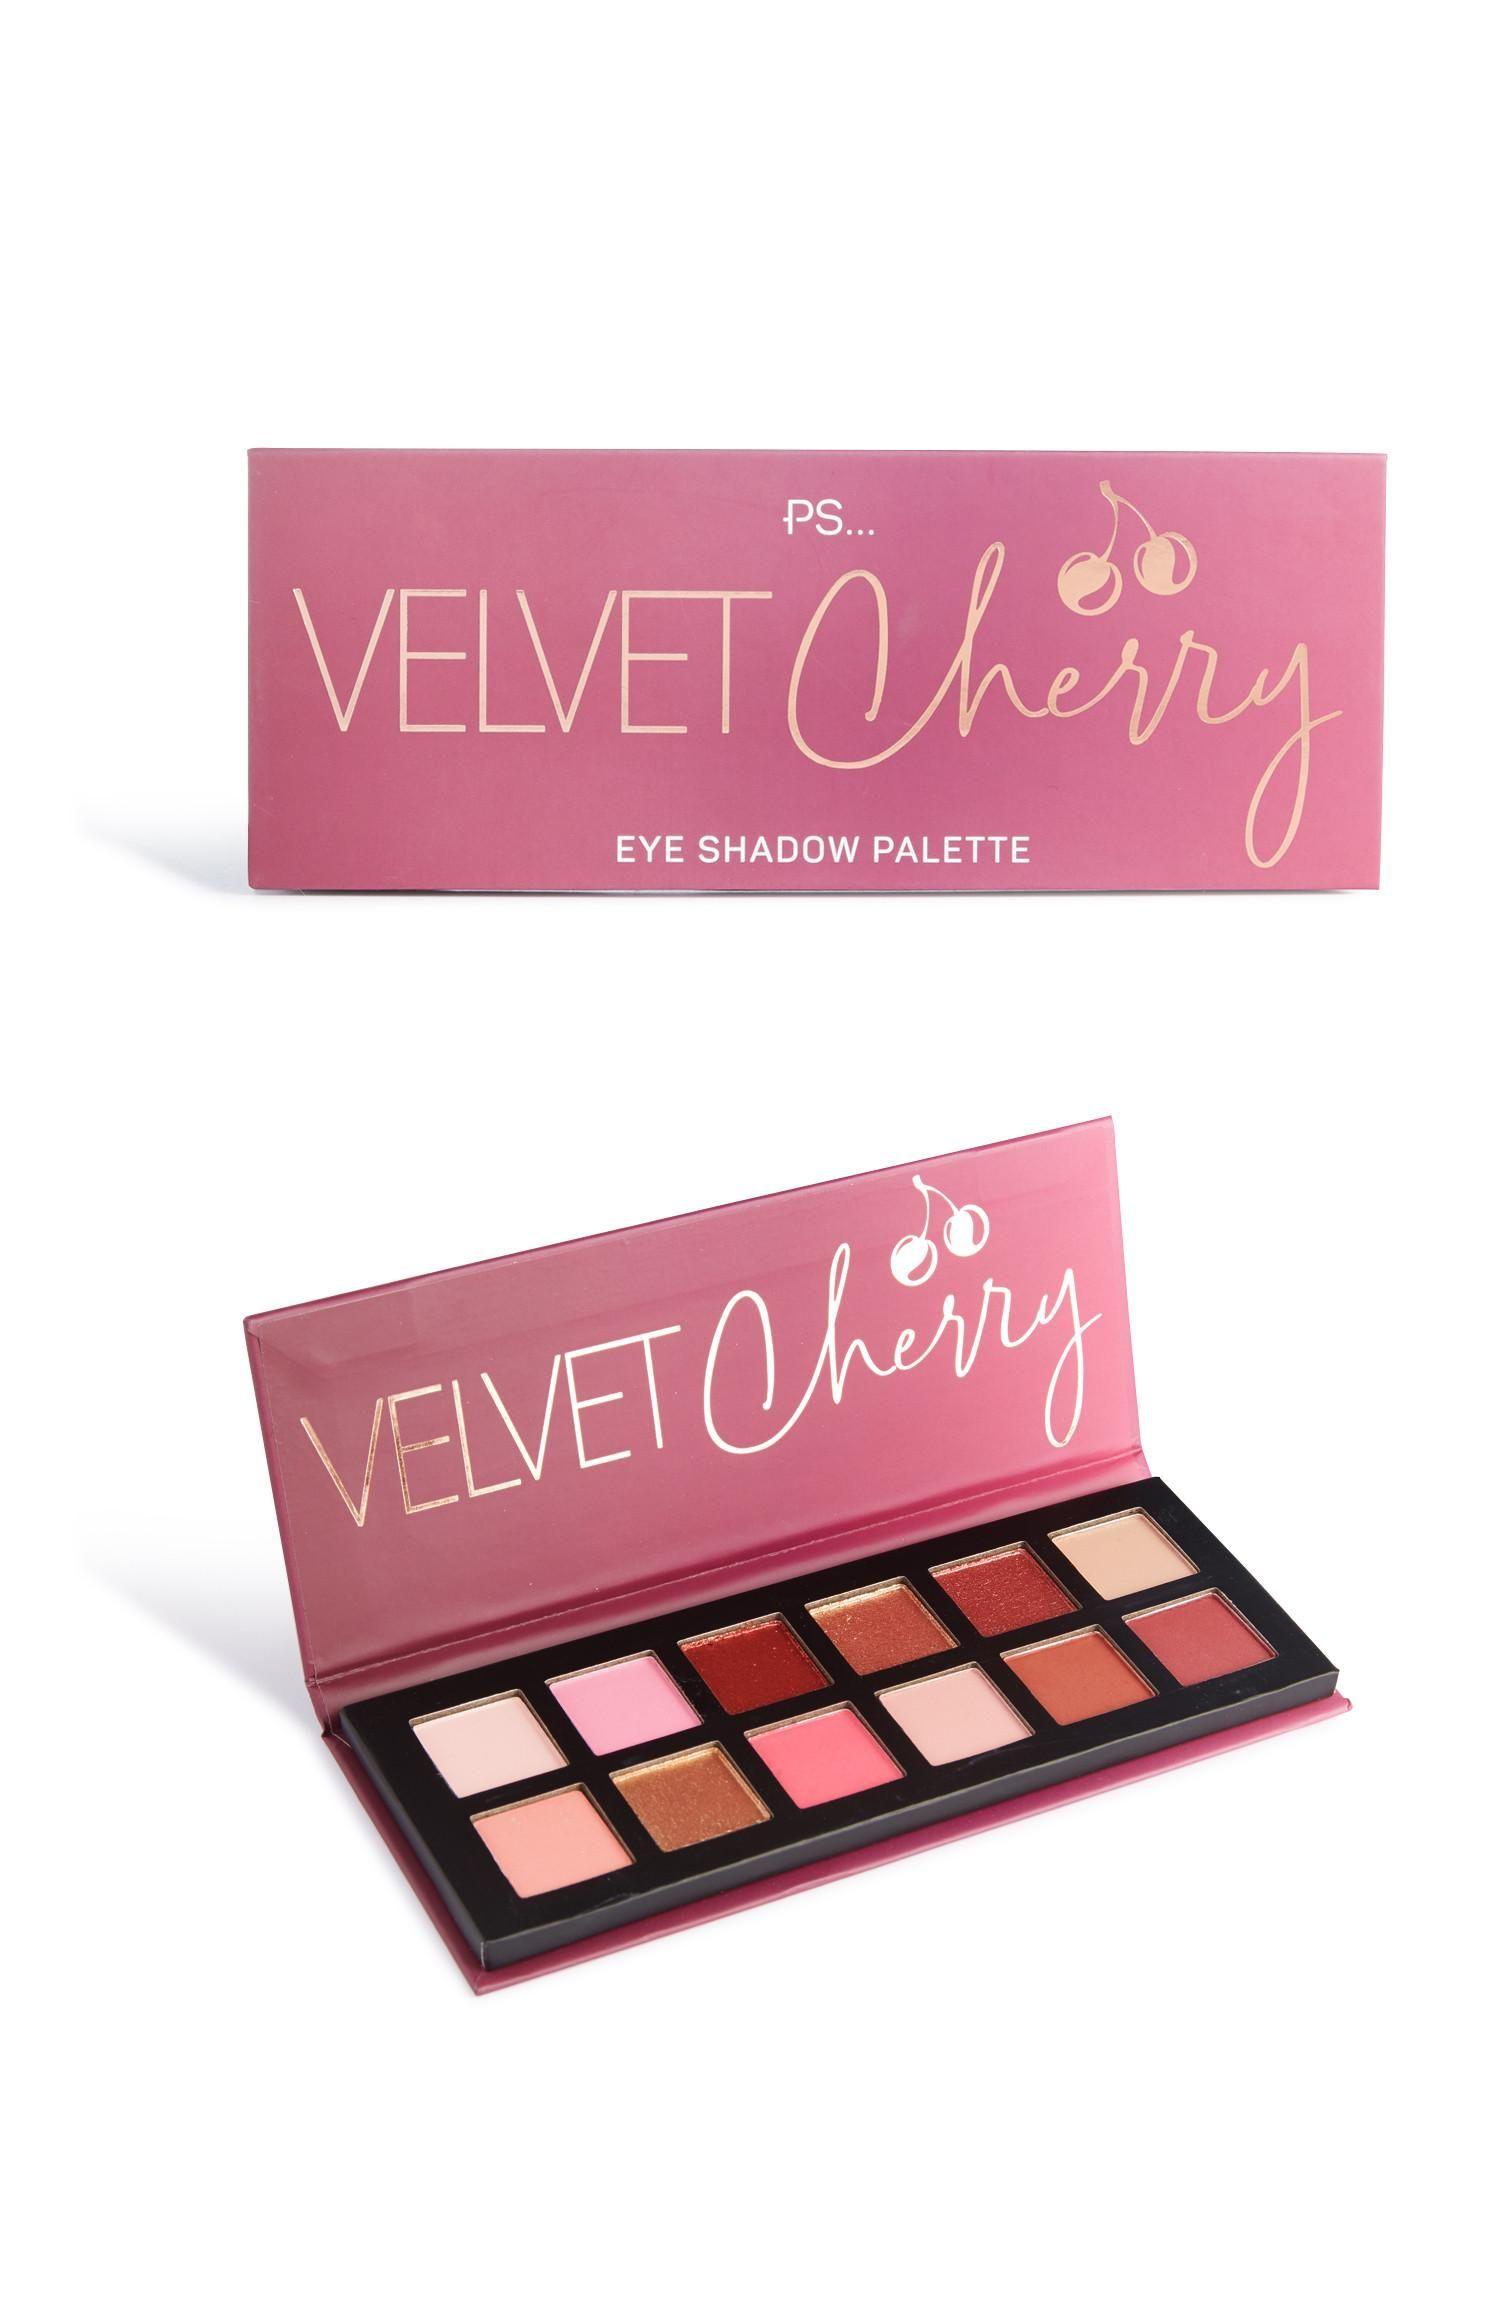 Primark Velvet Cherry Eye Shadow Palette Eyeshadow Eyeshadow Palette Shadow Palette